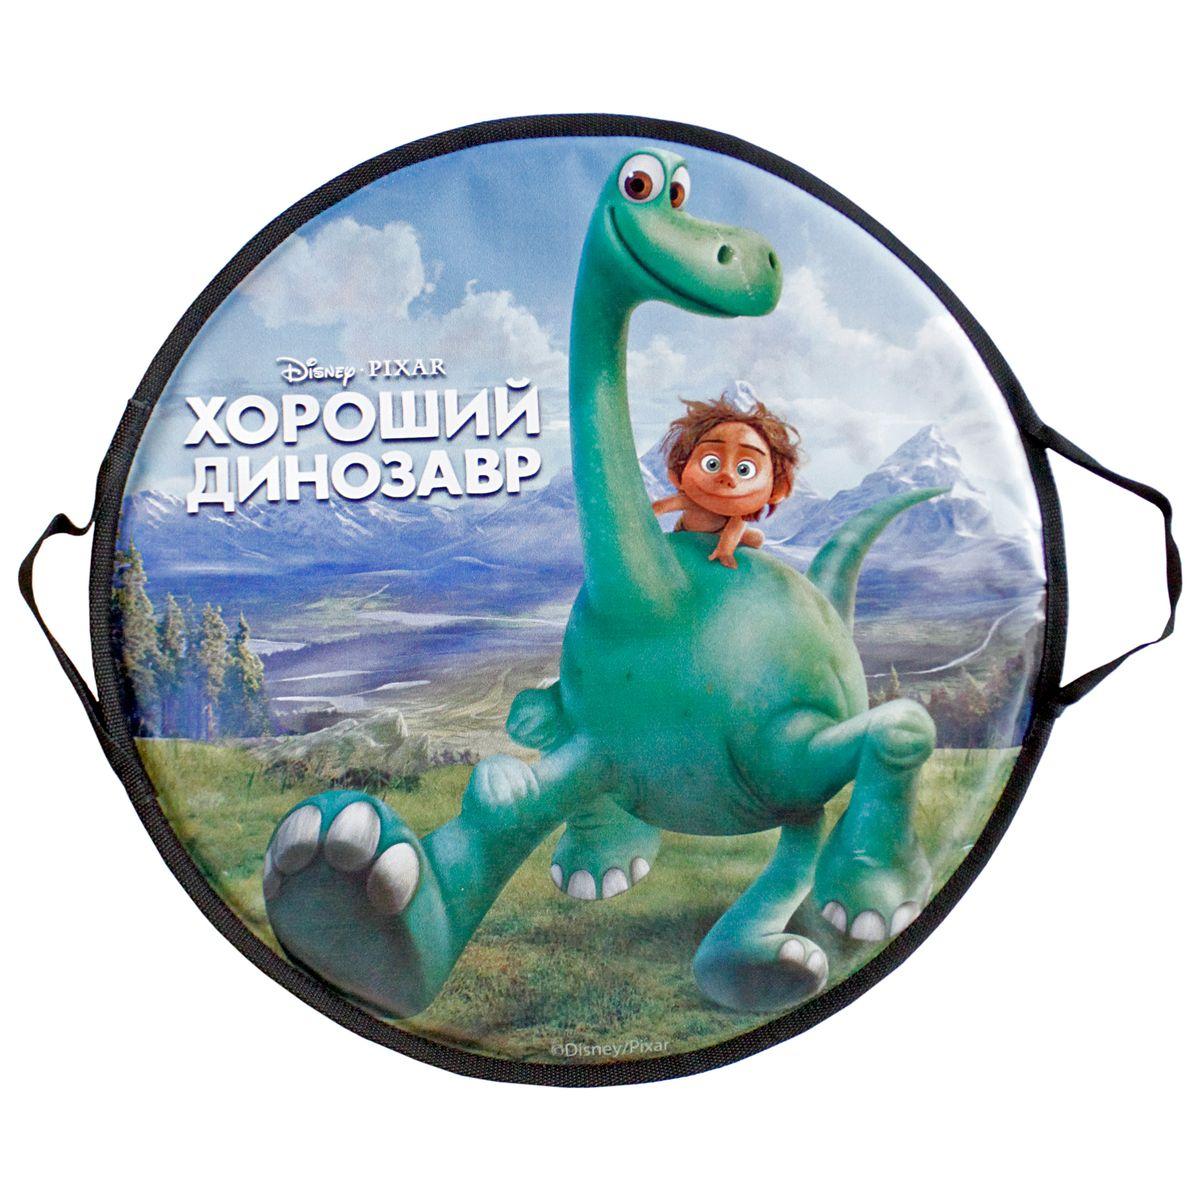 Ледянка круглая 52см, Disney Добропорядочный динозавр4872Ледянка Disney Добропорядочный динозавр станет прекрасным подарком. Изделие предназначено катания с горок и идеально подойдет как для мальчиков, так и для девочек. Ледянка развивает на спуске хорошую скорость. Плотные ручки, расположенные по краям изделия помогут не упасть.